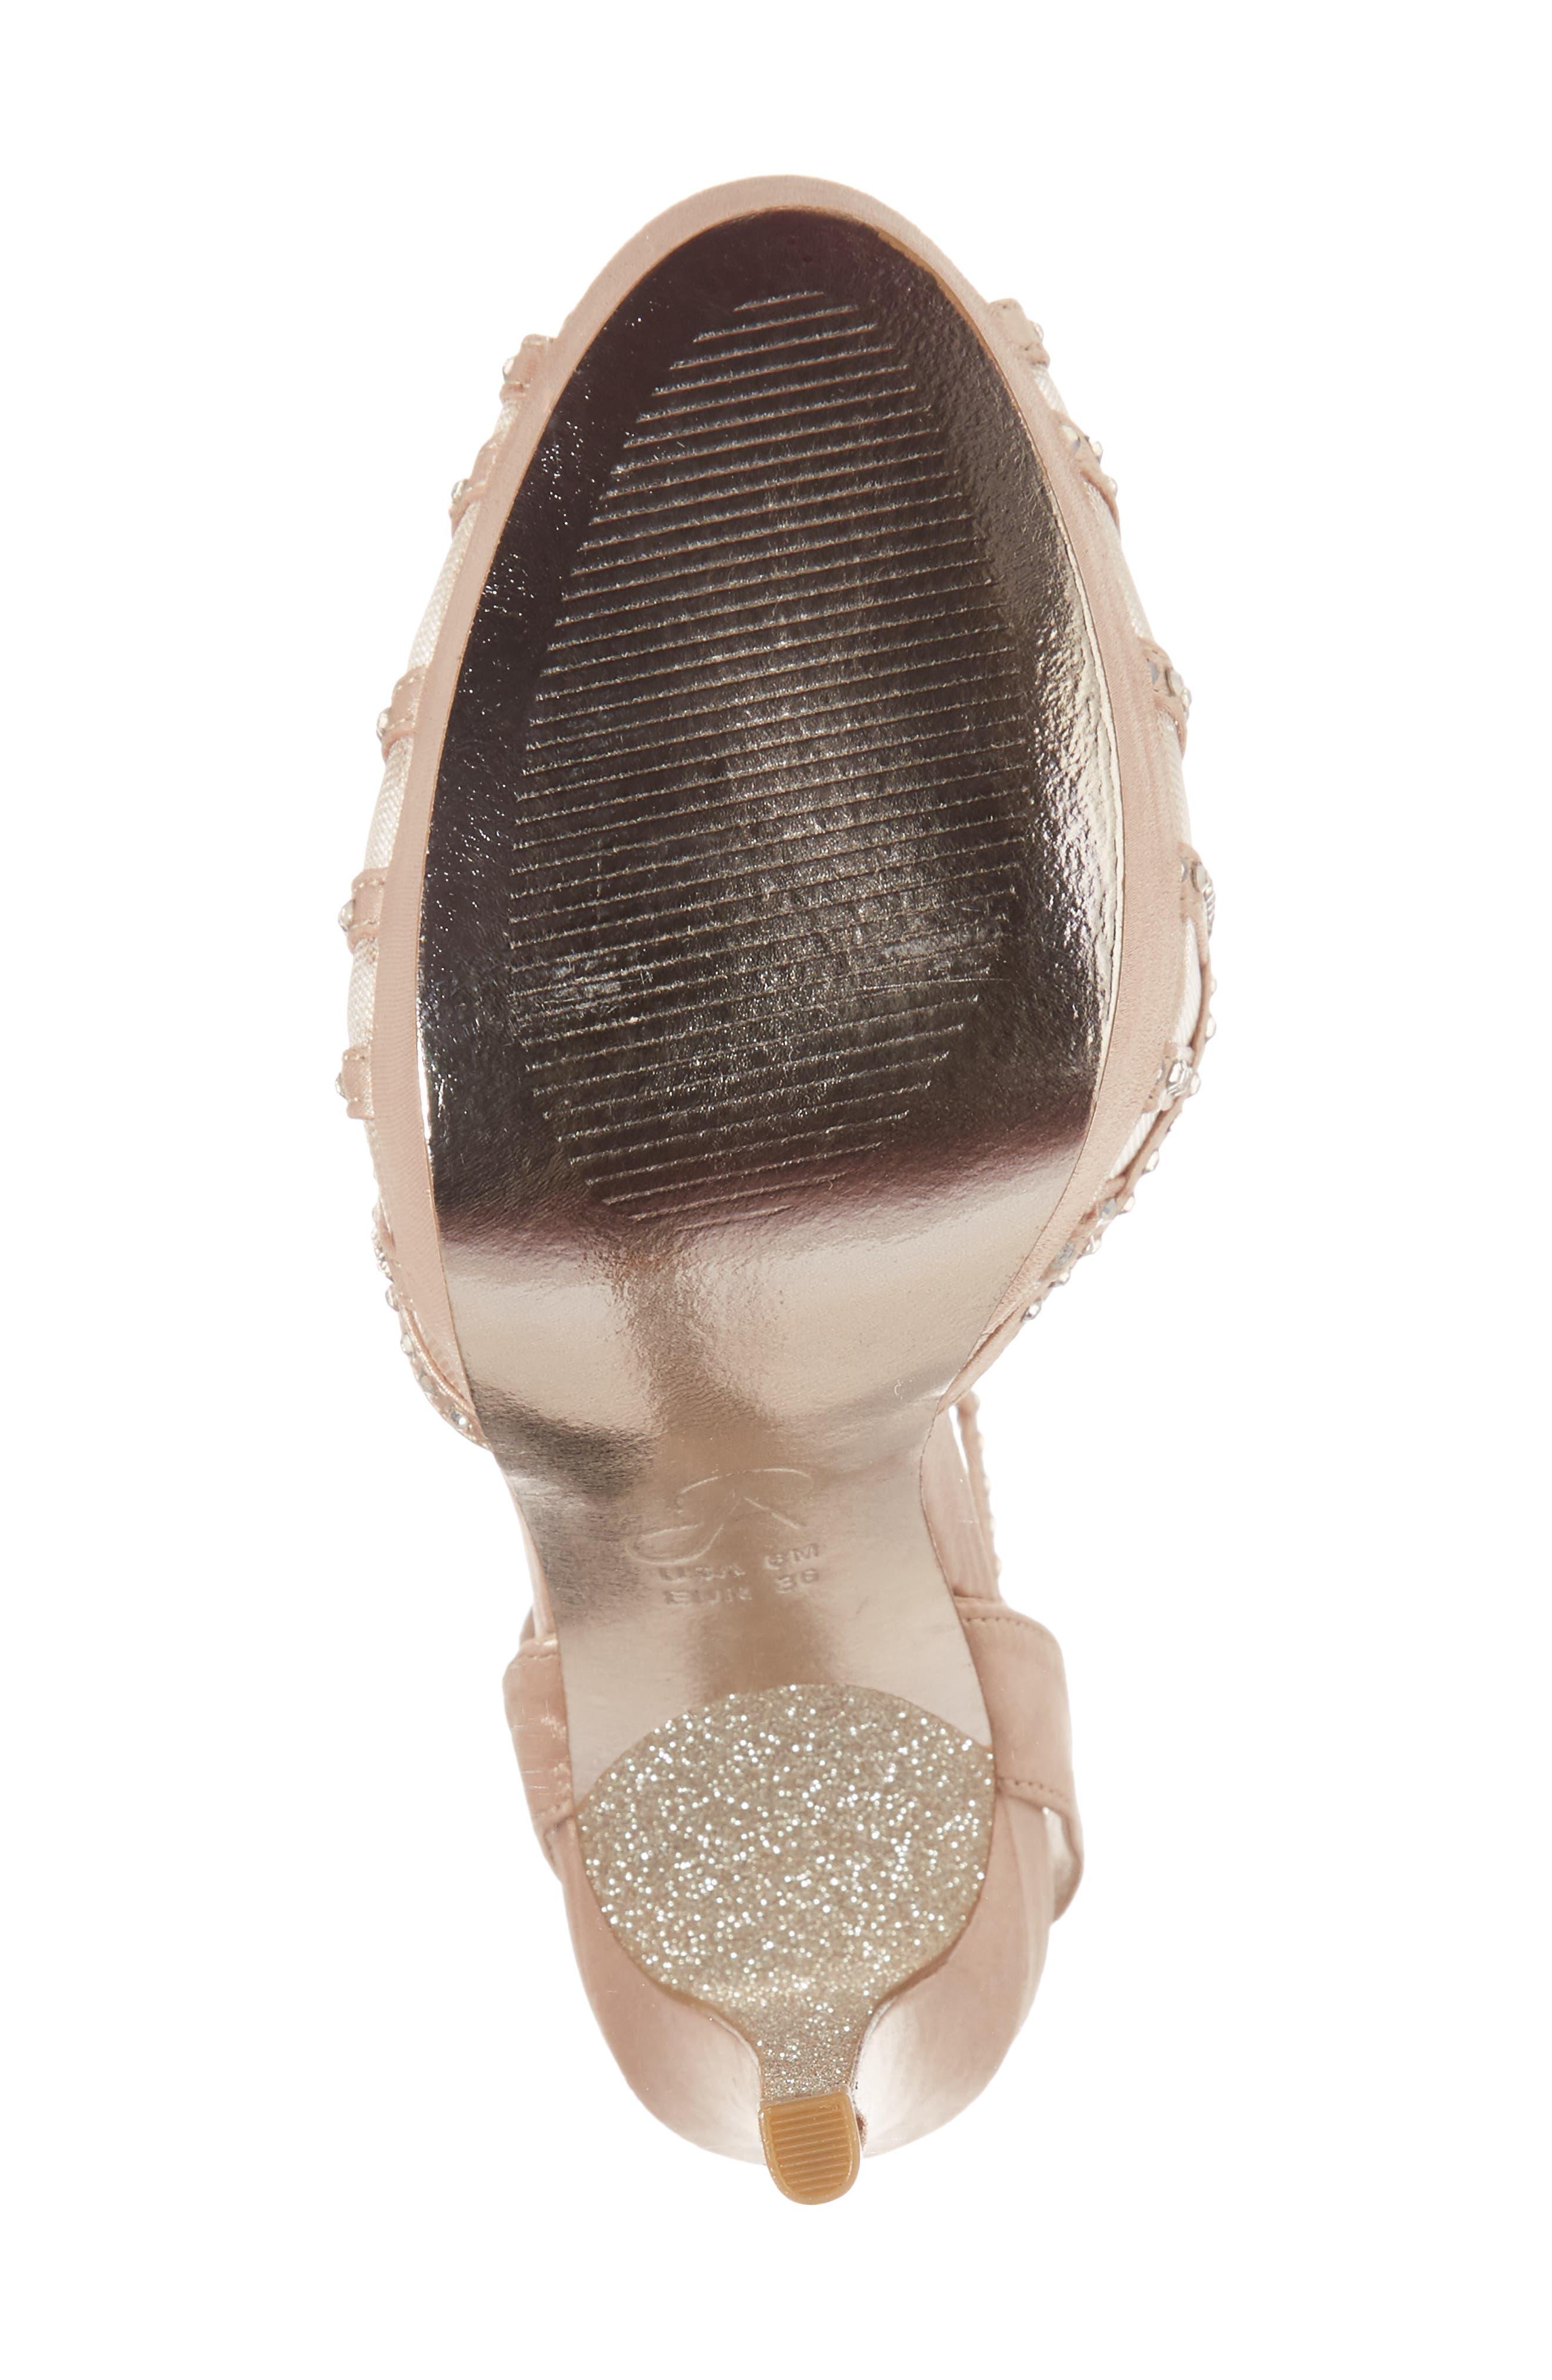 Simone Crystal Embellished Platform Sandal,                             Alternate thumbnail 23, color,